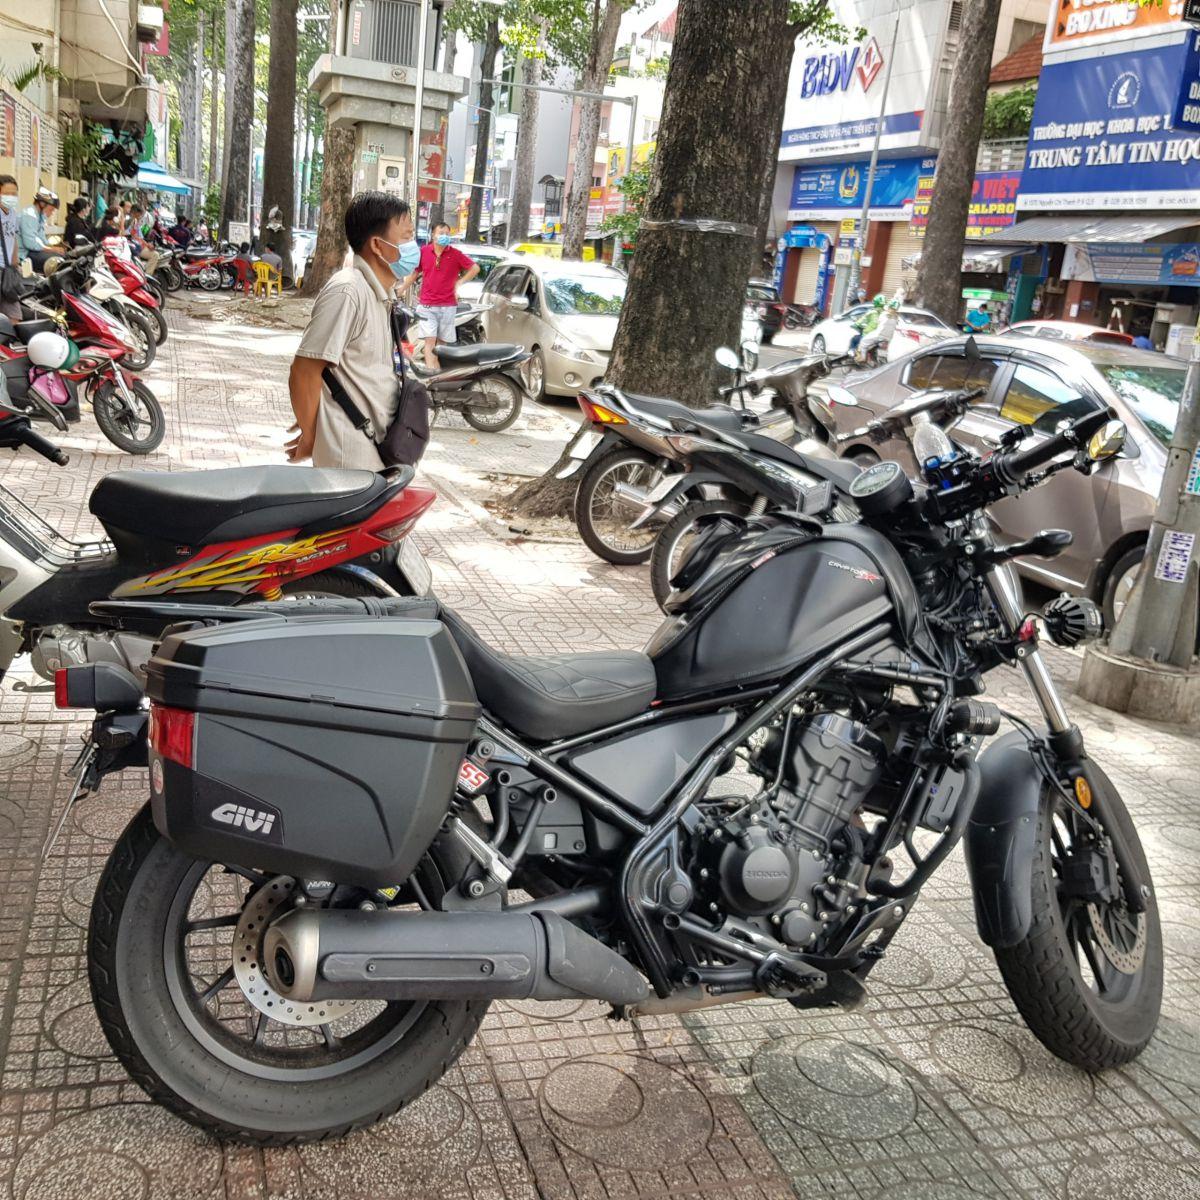 Thung-hong-givi-e22n-xe-honda-rebell-300-15